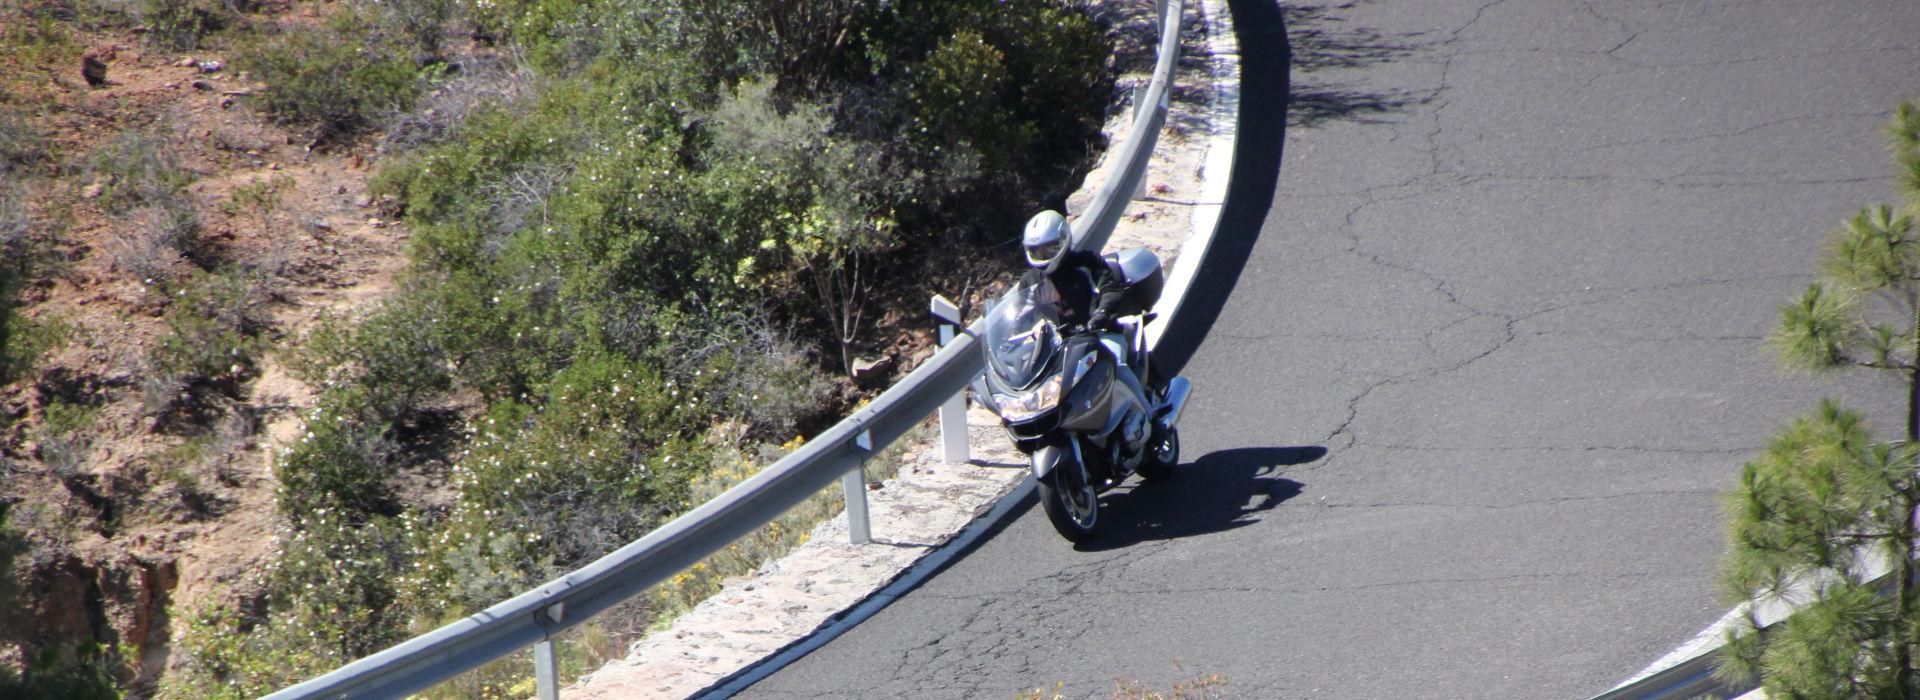 Motorrijschool Motorrijbewijspoint Alblasserdam motorrijlessen